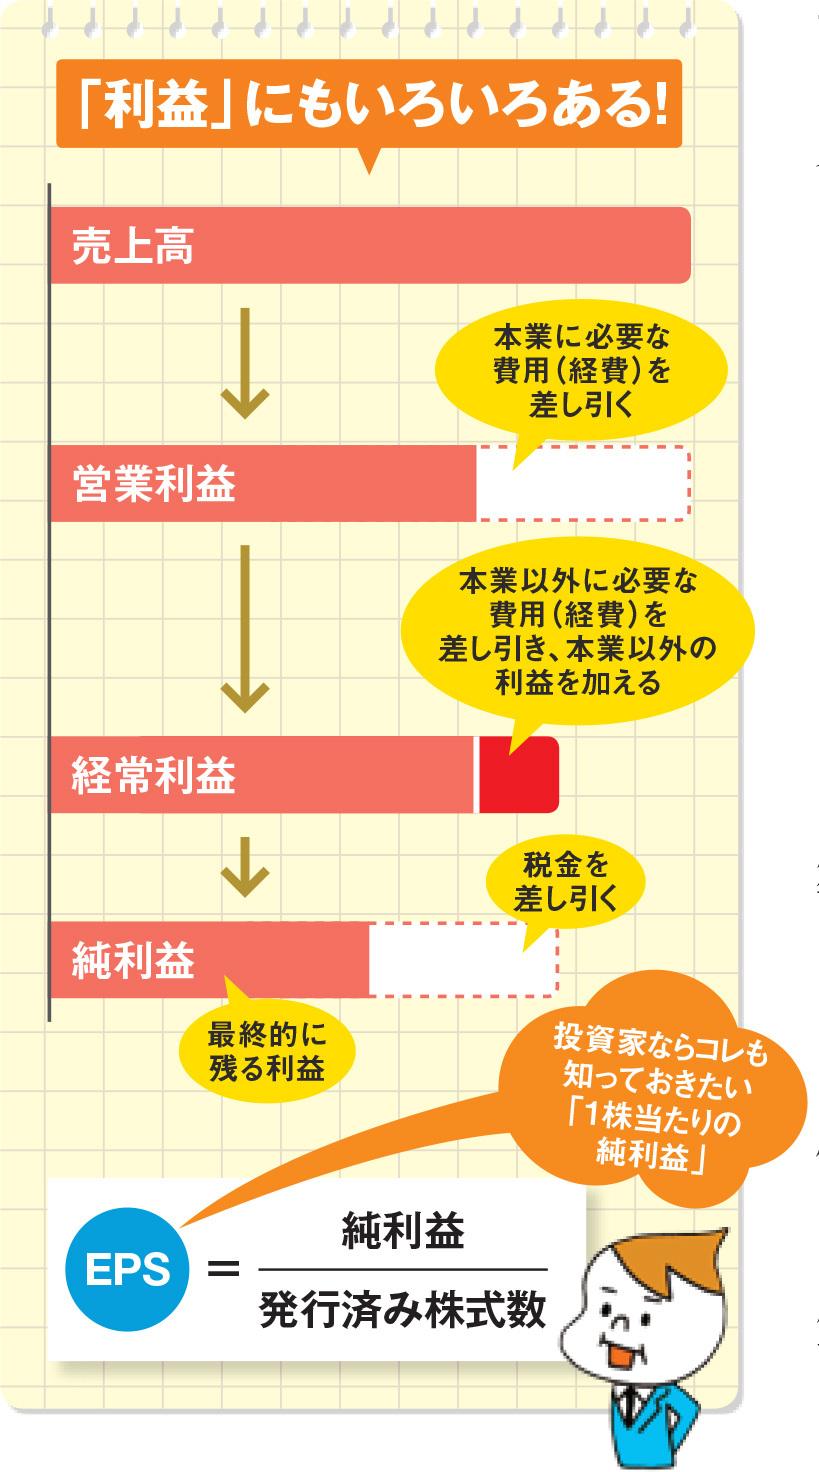 towa 株価